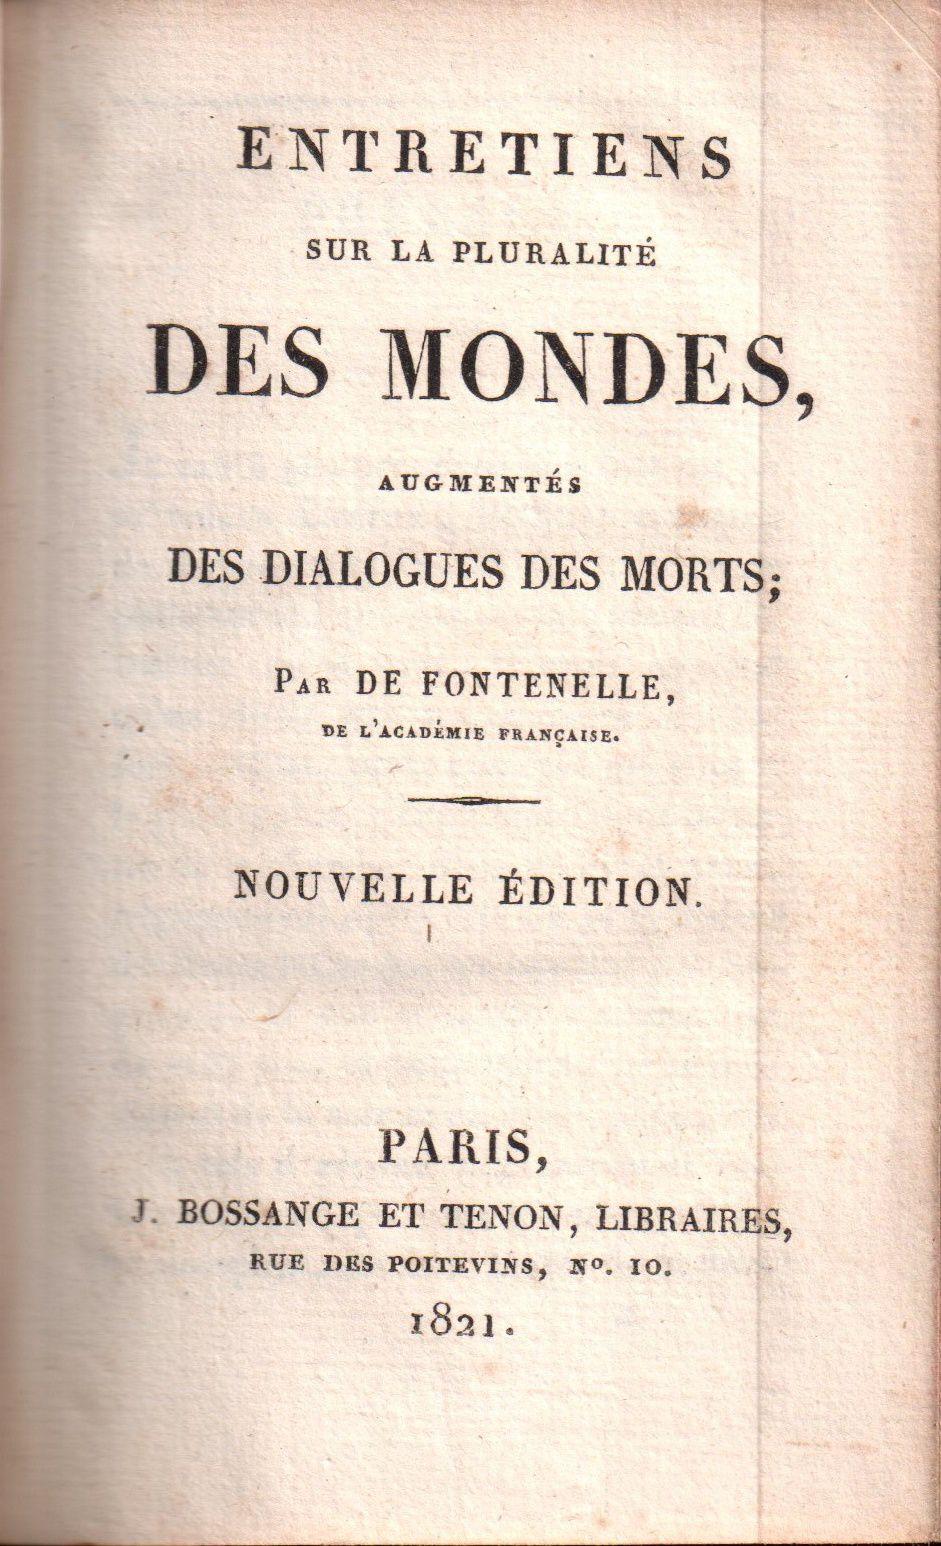 """Bernard de Fontenelle """"Entretiens sur la pluralité des mondes, augmentés des Dialogues des Morts"""" (J. Bossange et Tenon - 1821)"""